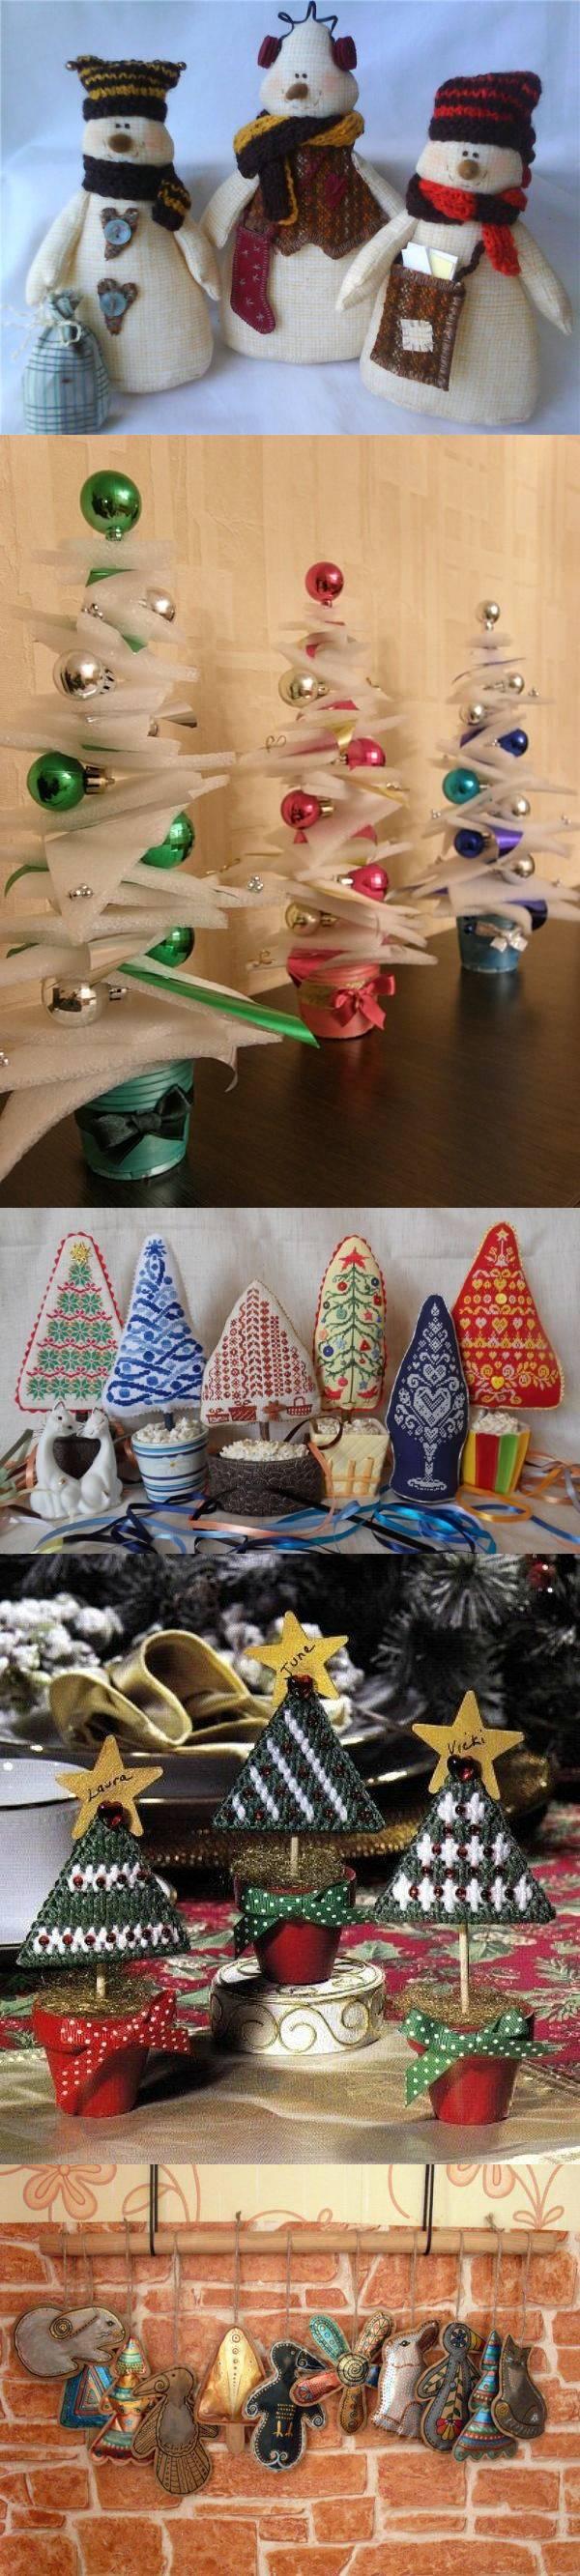 Подборка идей. Новогодние игрушки своими руками (часть вторая)